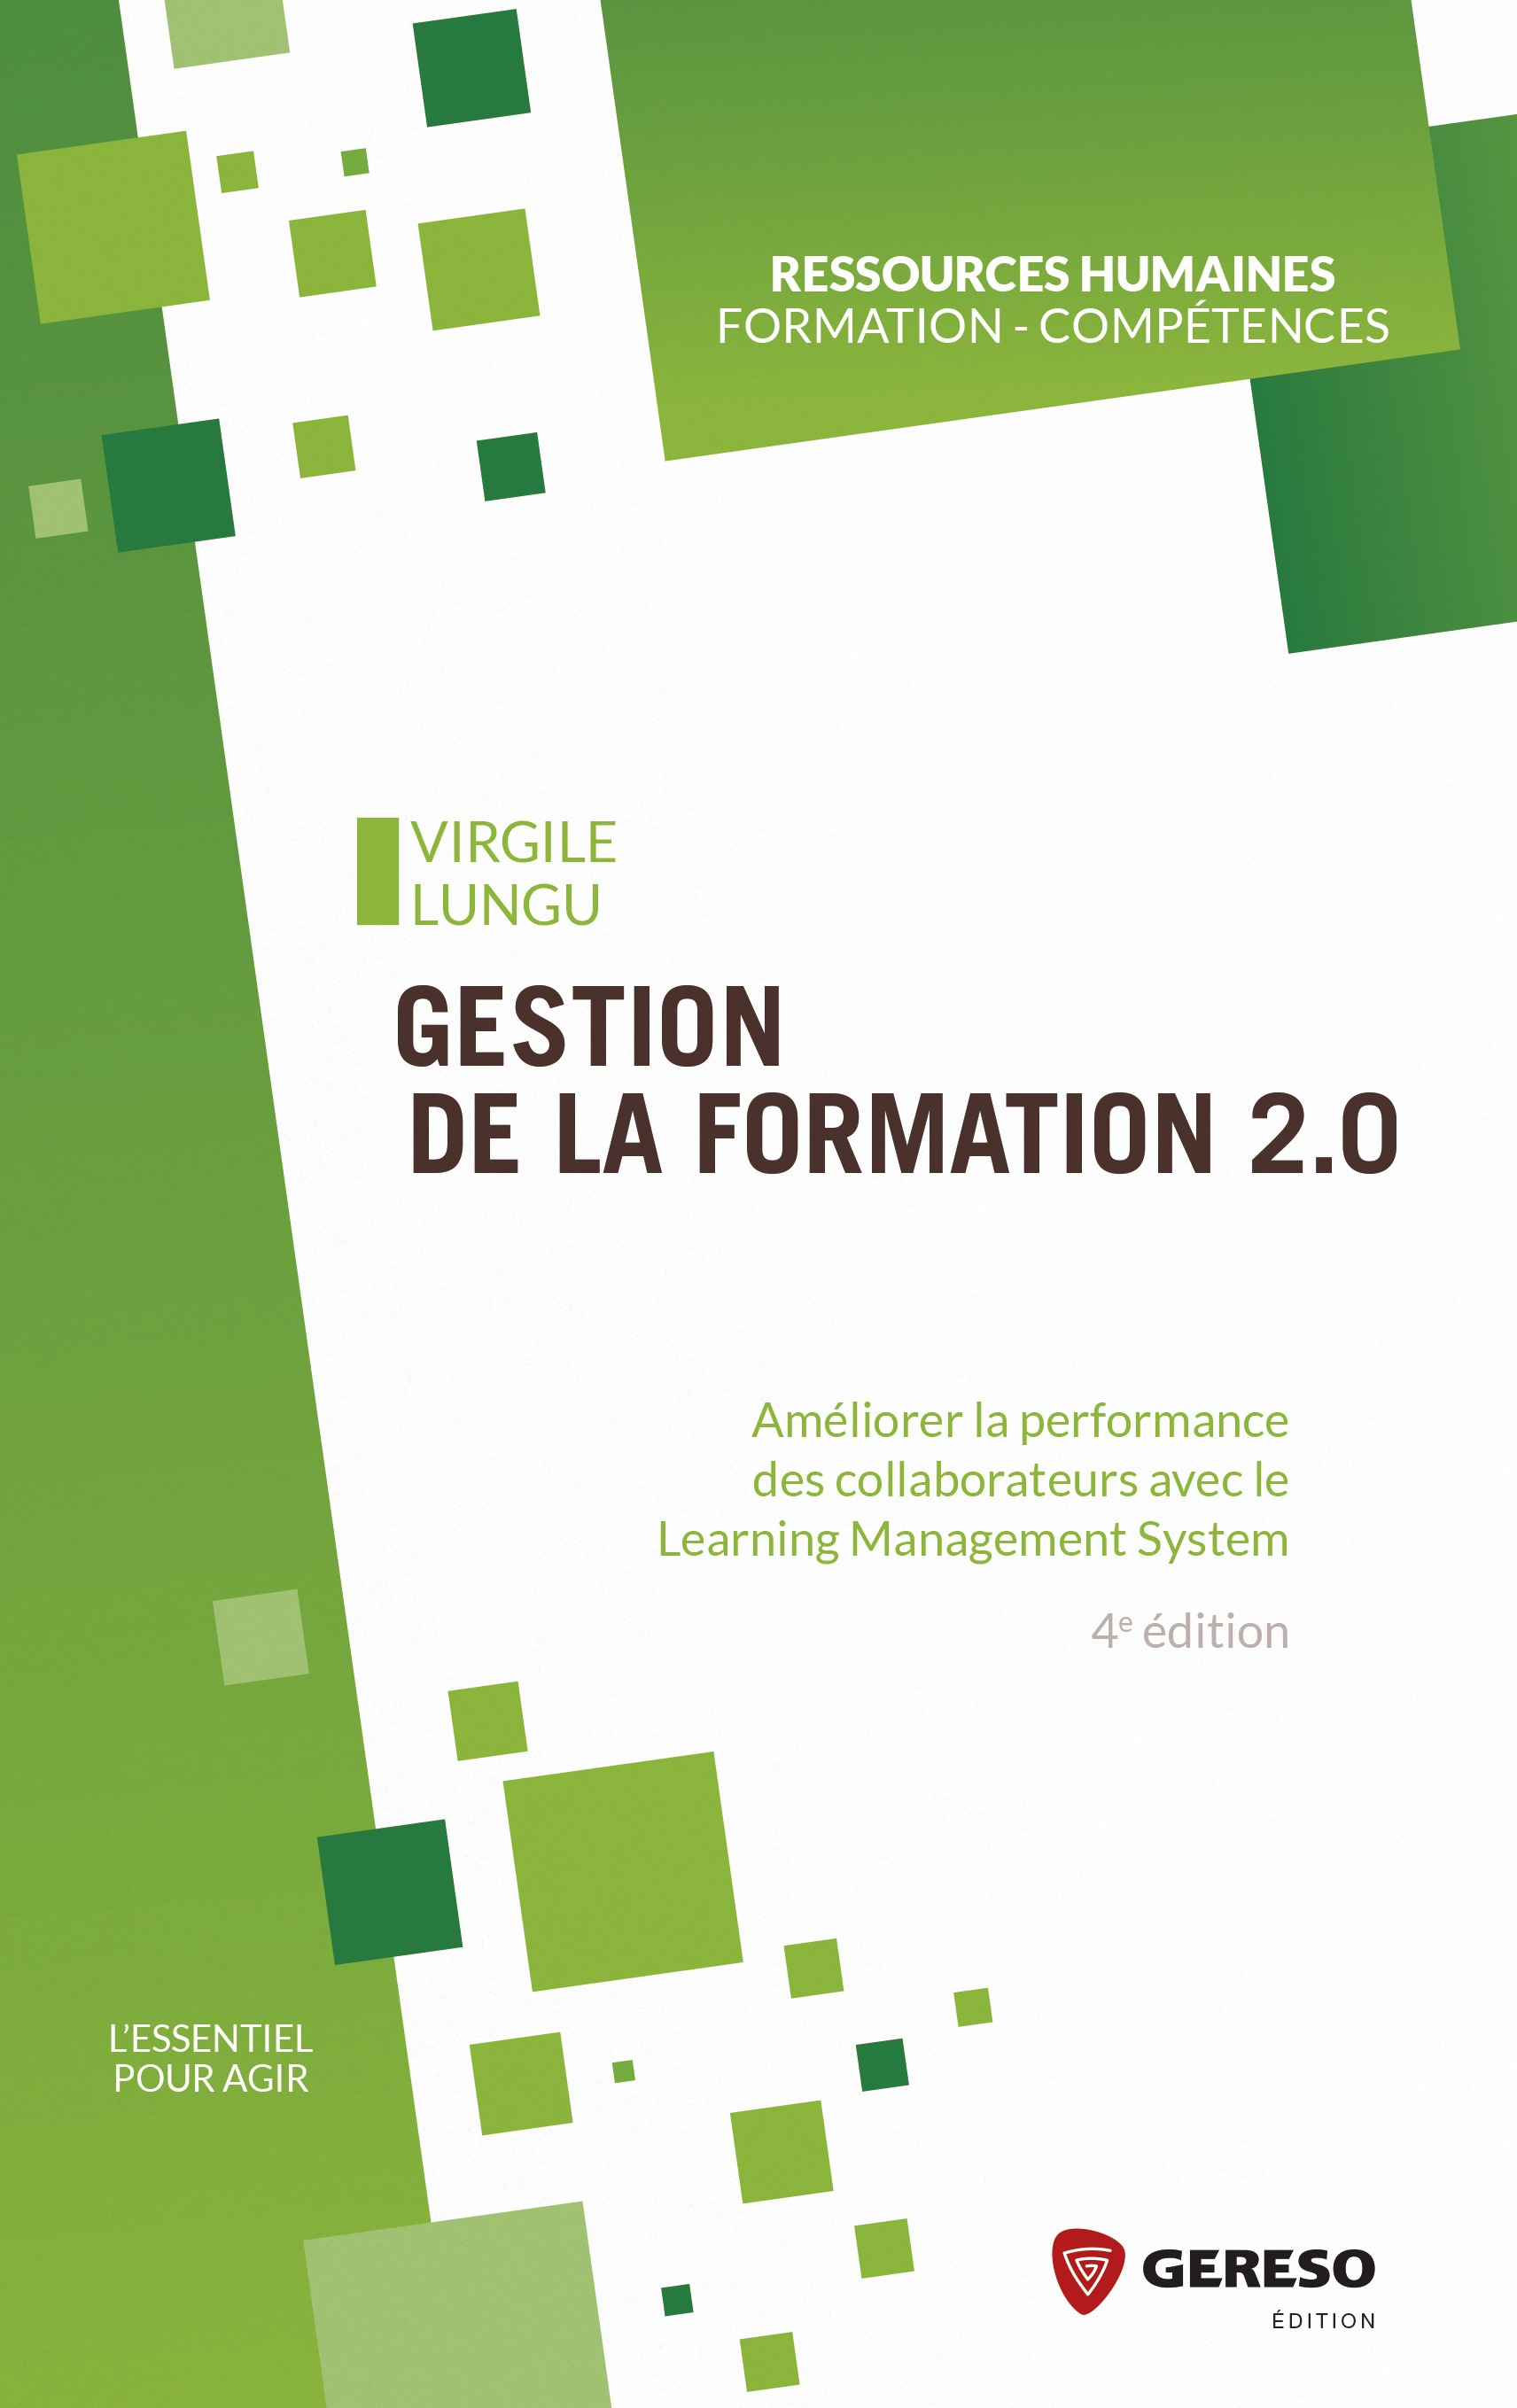 Gestion de la formation 2.0, AMÉLIORER LA PERFORMANCE DES COLLABORATEURS AVEC LE LEARNING MANAGEMENT SYSTEM